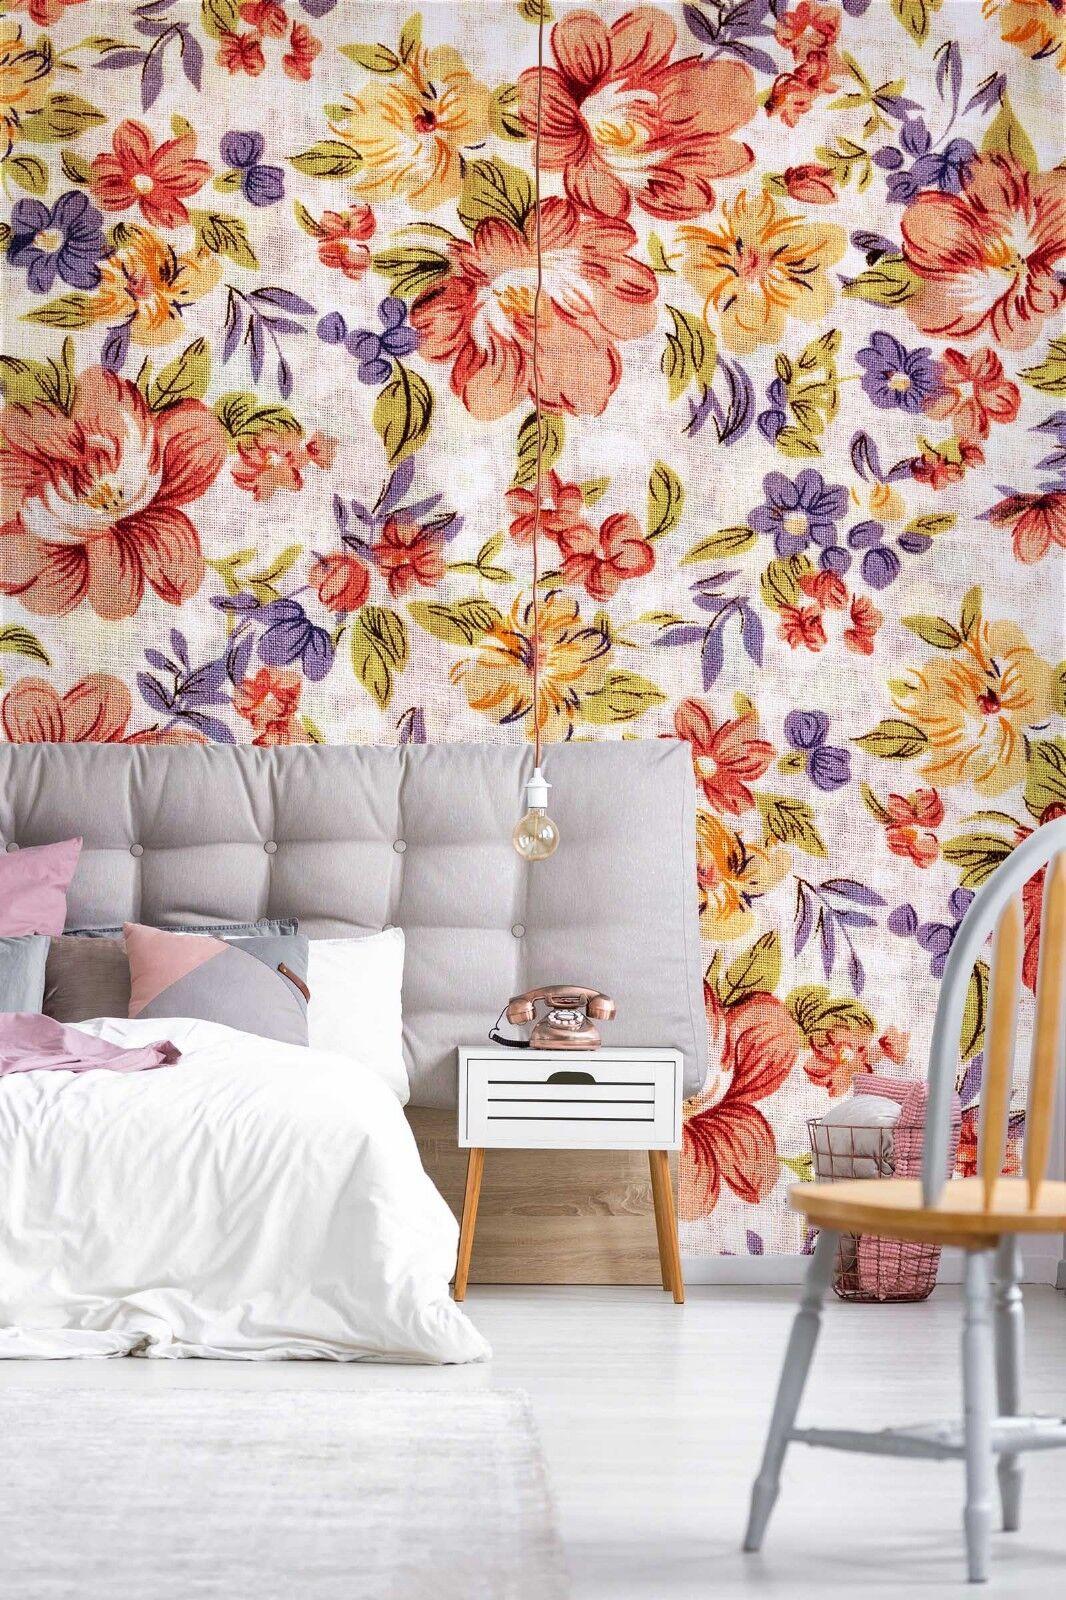 3D 3D 3D ROT Flower 785 Wallpaper Mural Paper Wall Print Indoor Murals CA Summer 506aa5